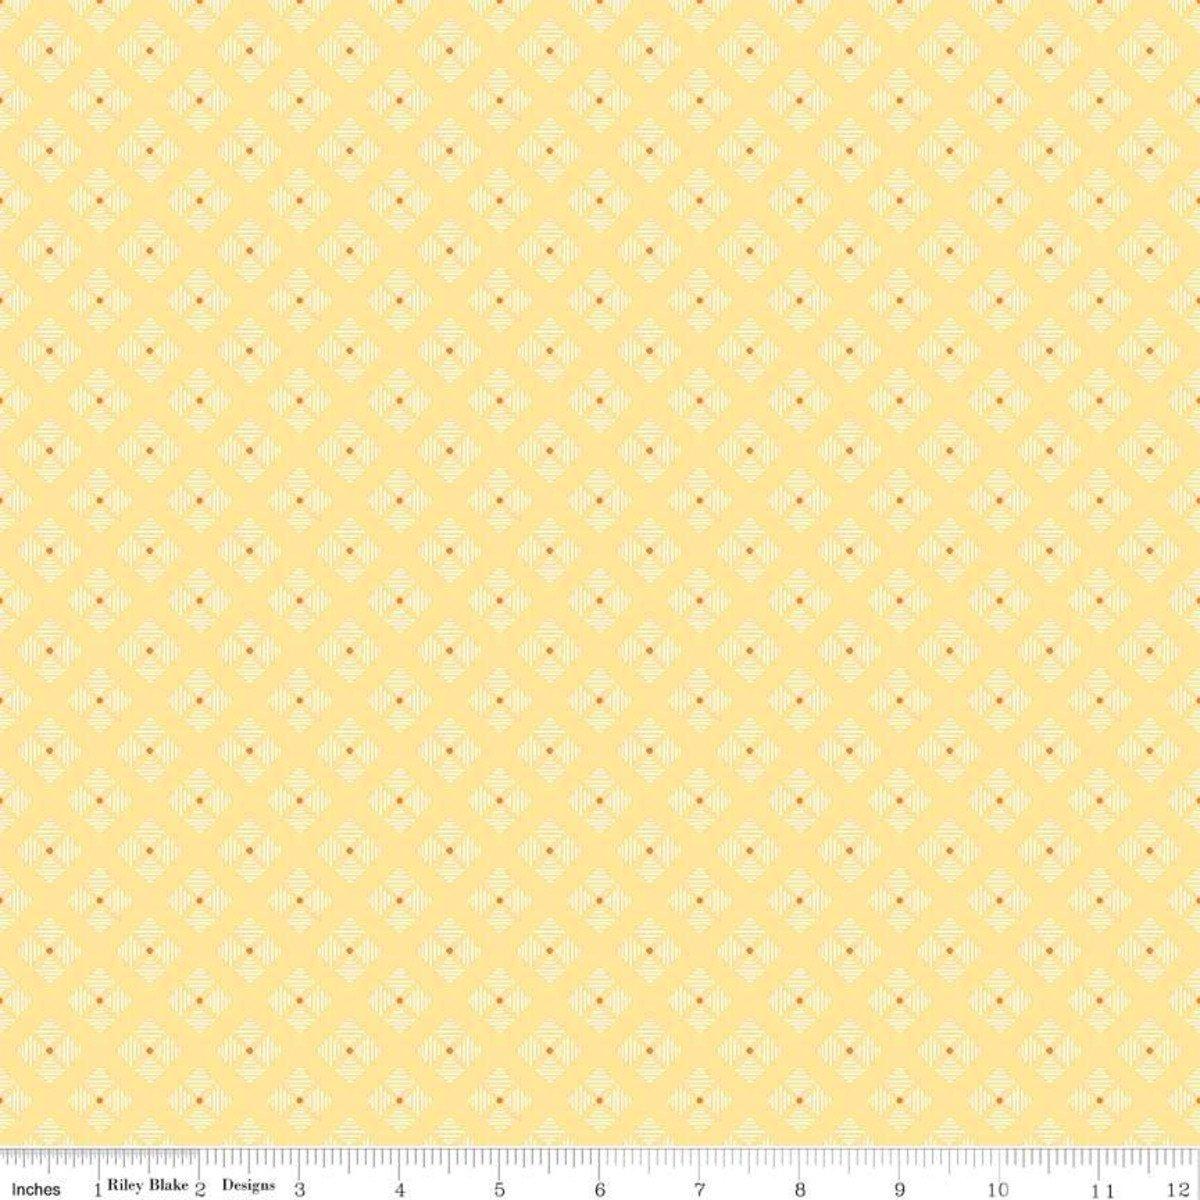 Bee Basics Stitched Flower Yellow Yardage